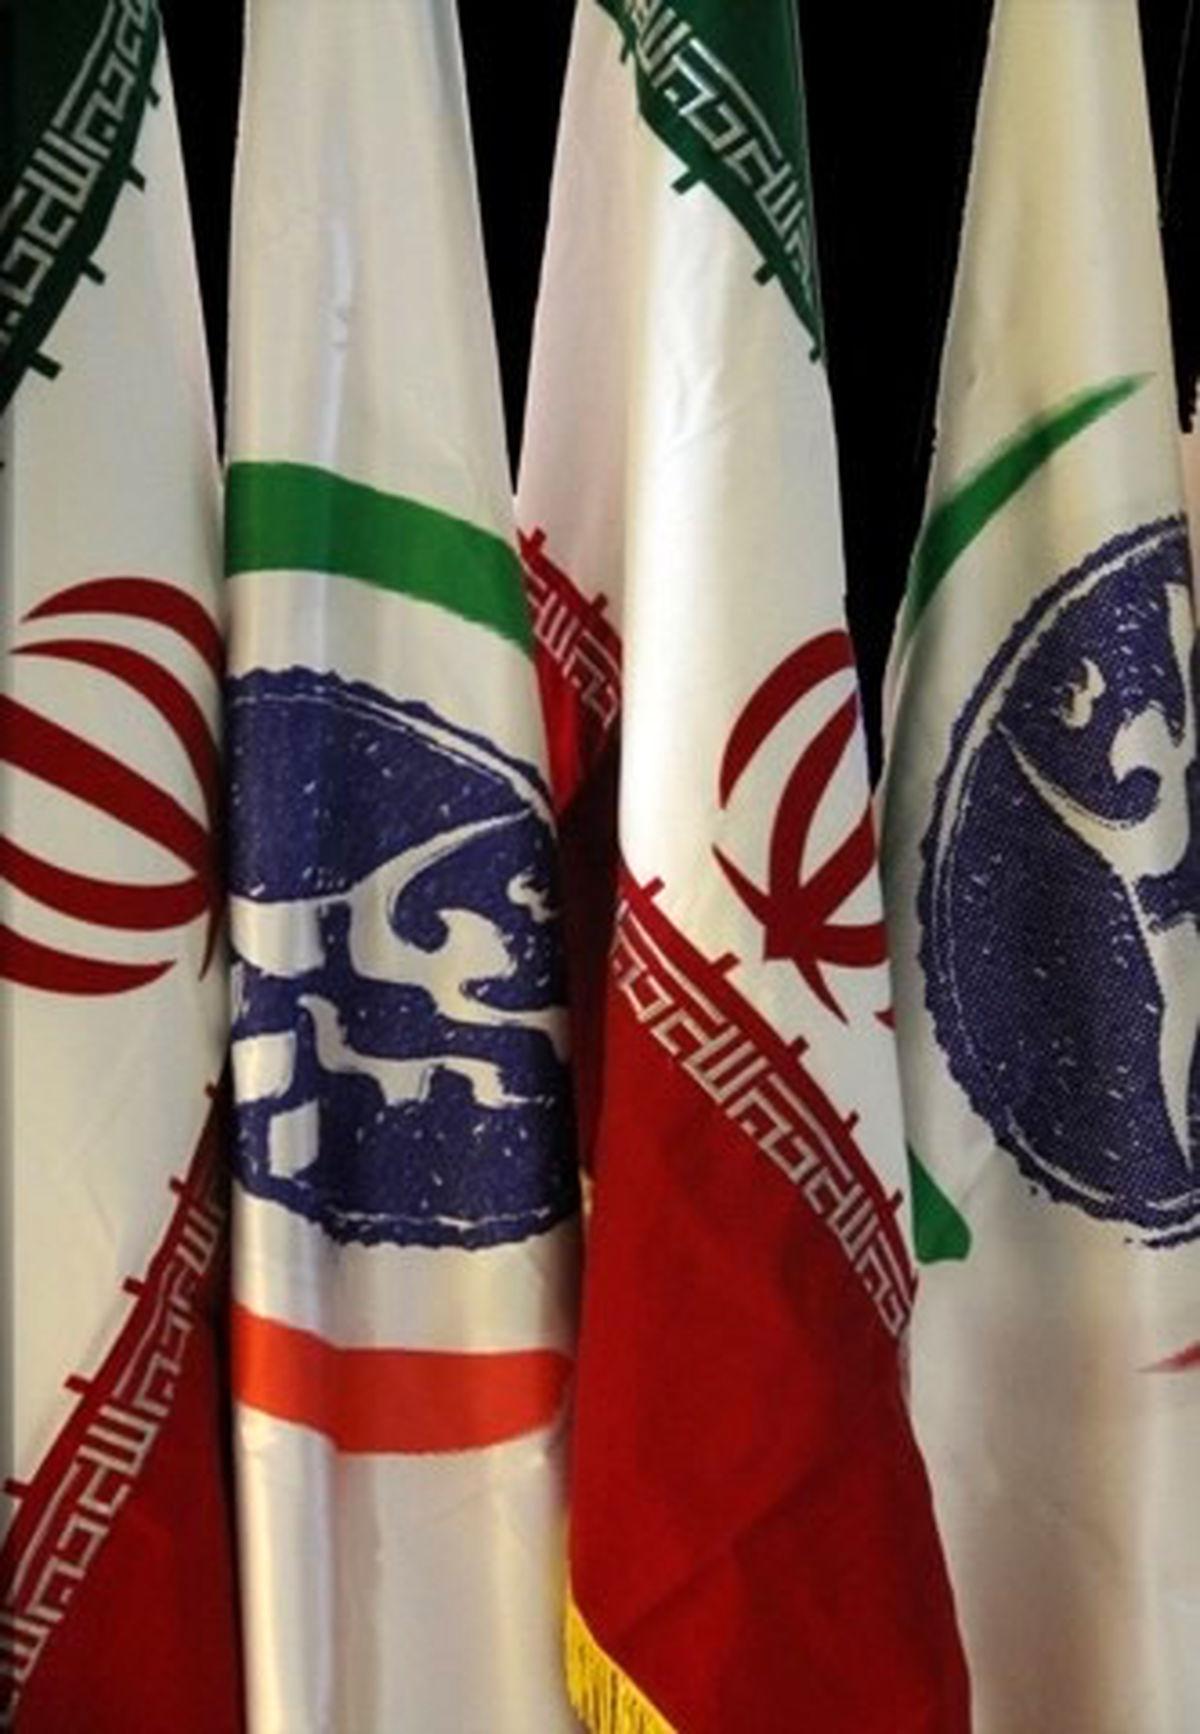 اقدام فوری بیمه معلم جهت پرداخت خسارت معلمان آسیبدیده خوزستانی